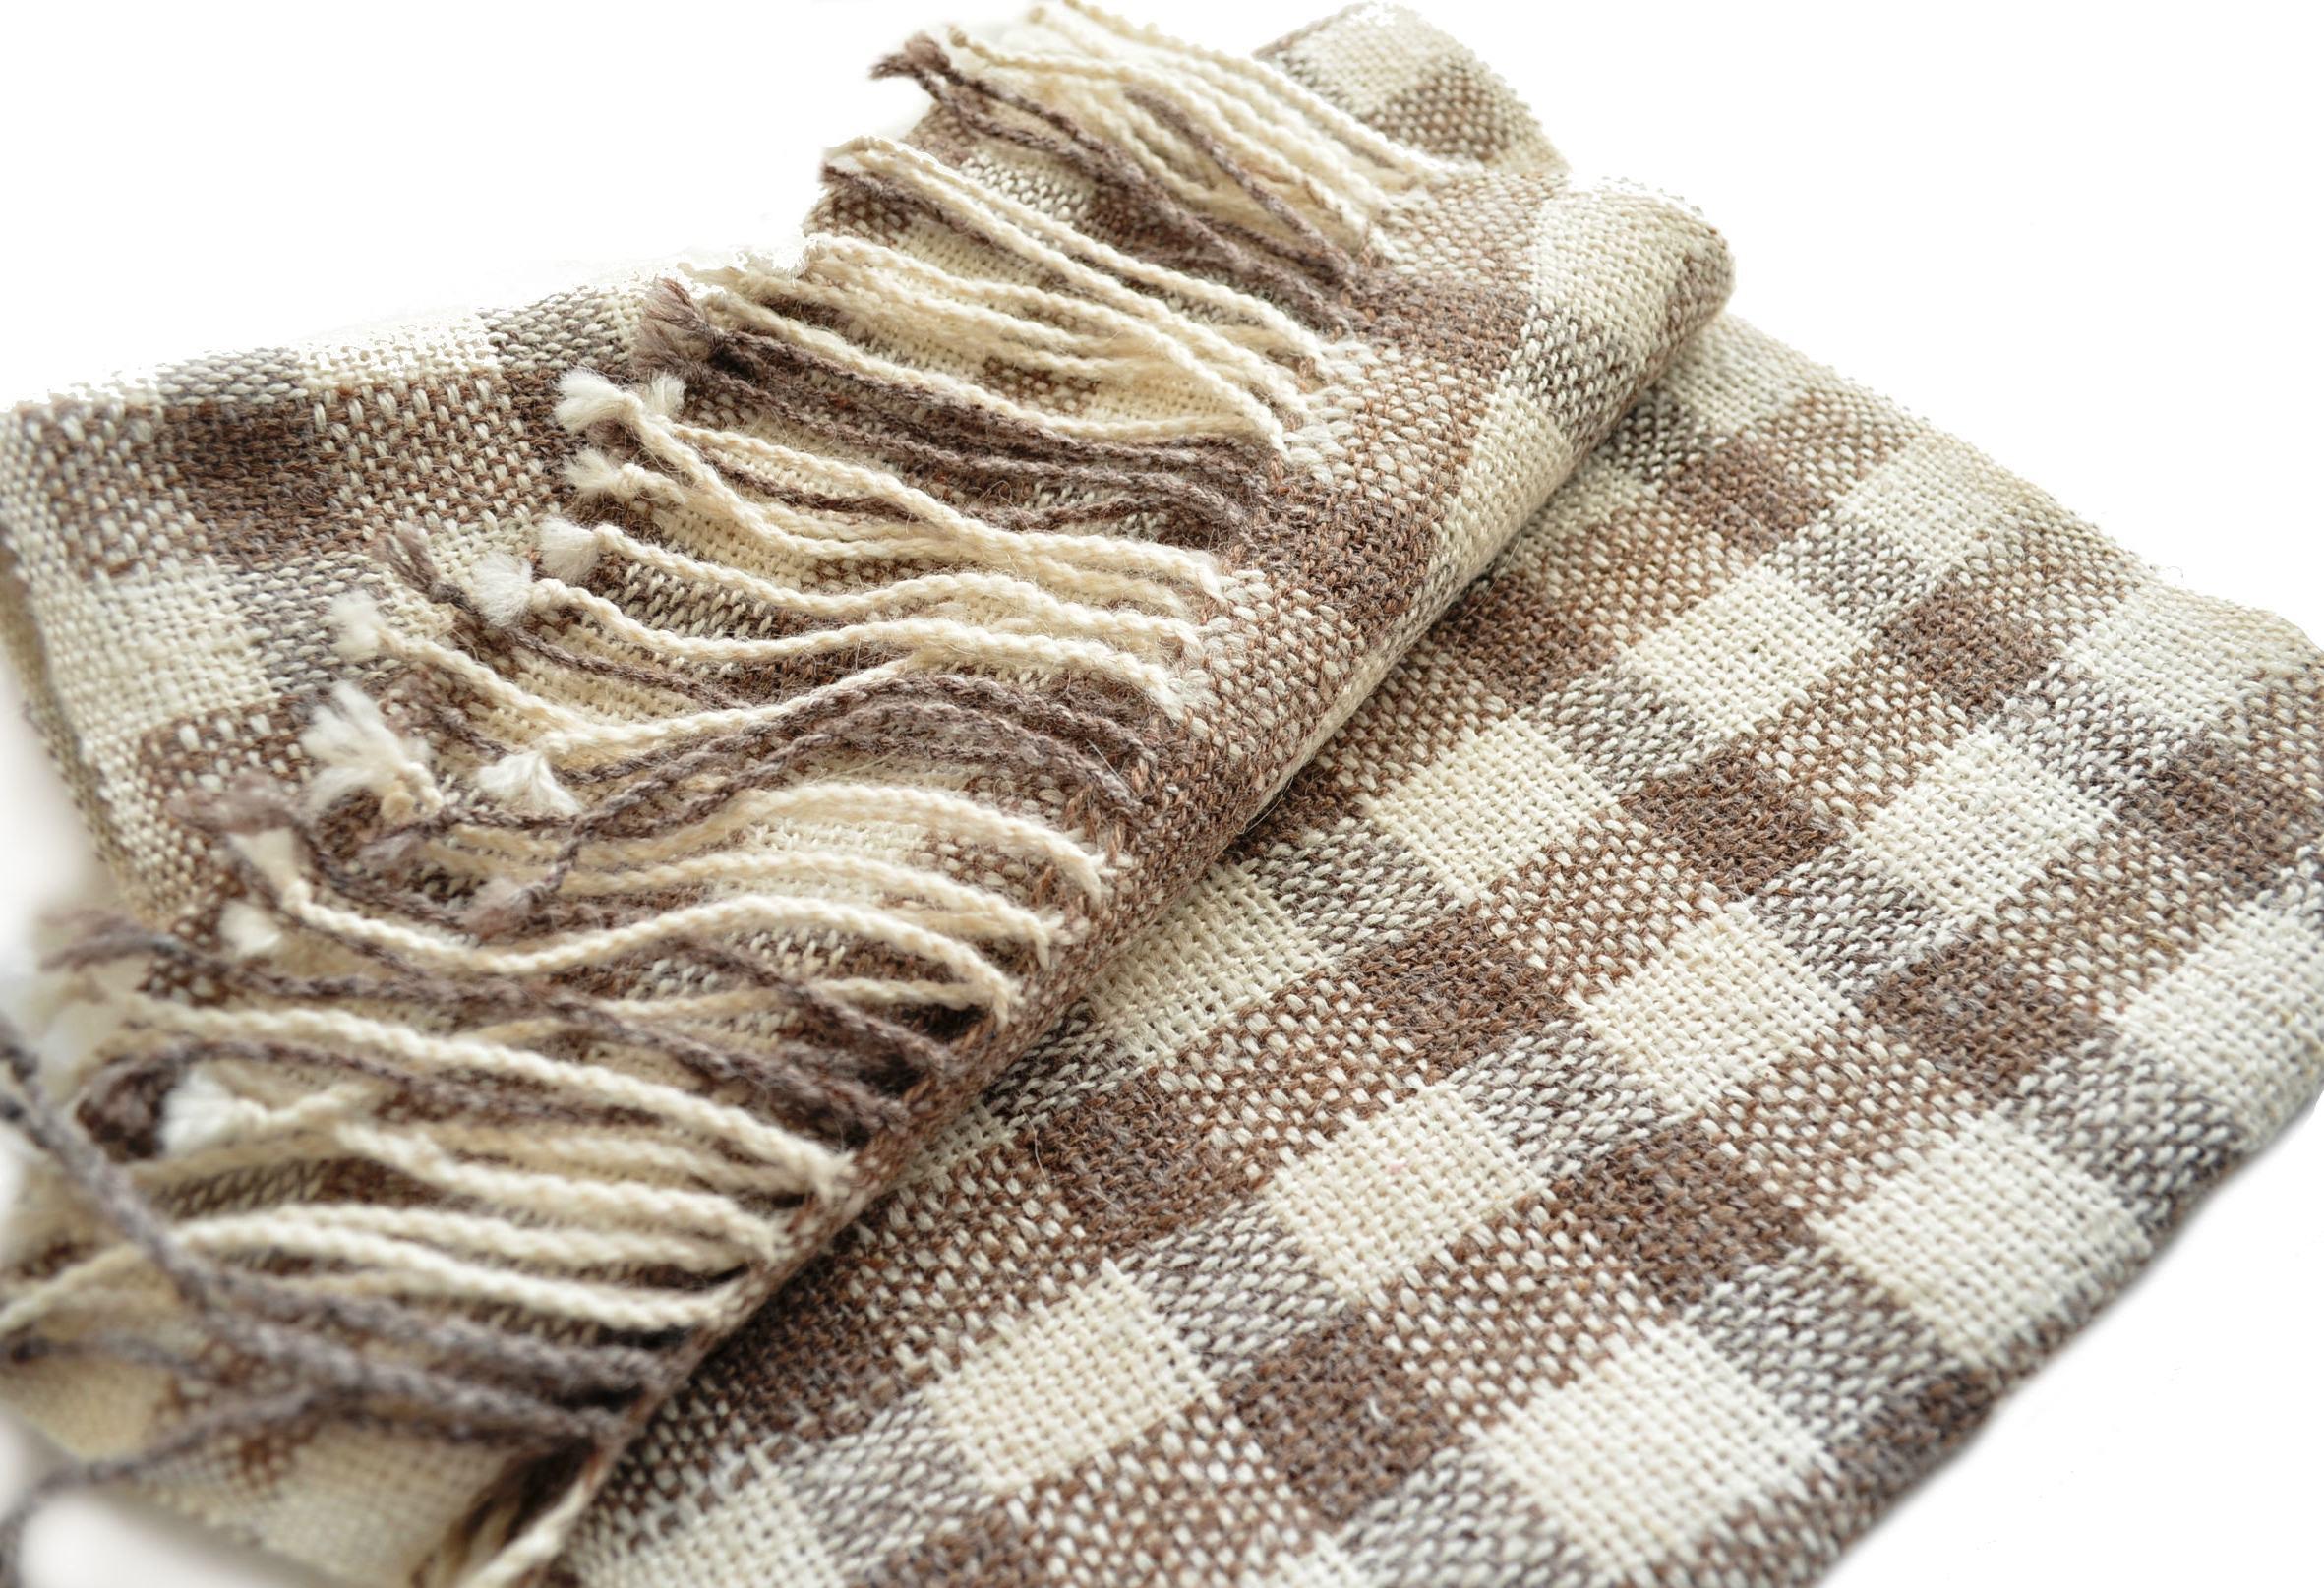 Sobrios dise os en nuestros exclusivos cojines te idos en - Disenos textiles del mediterraneo ...